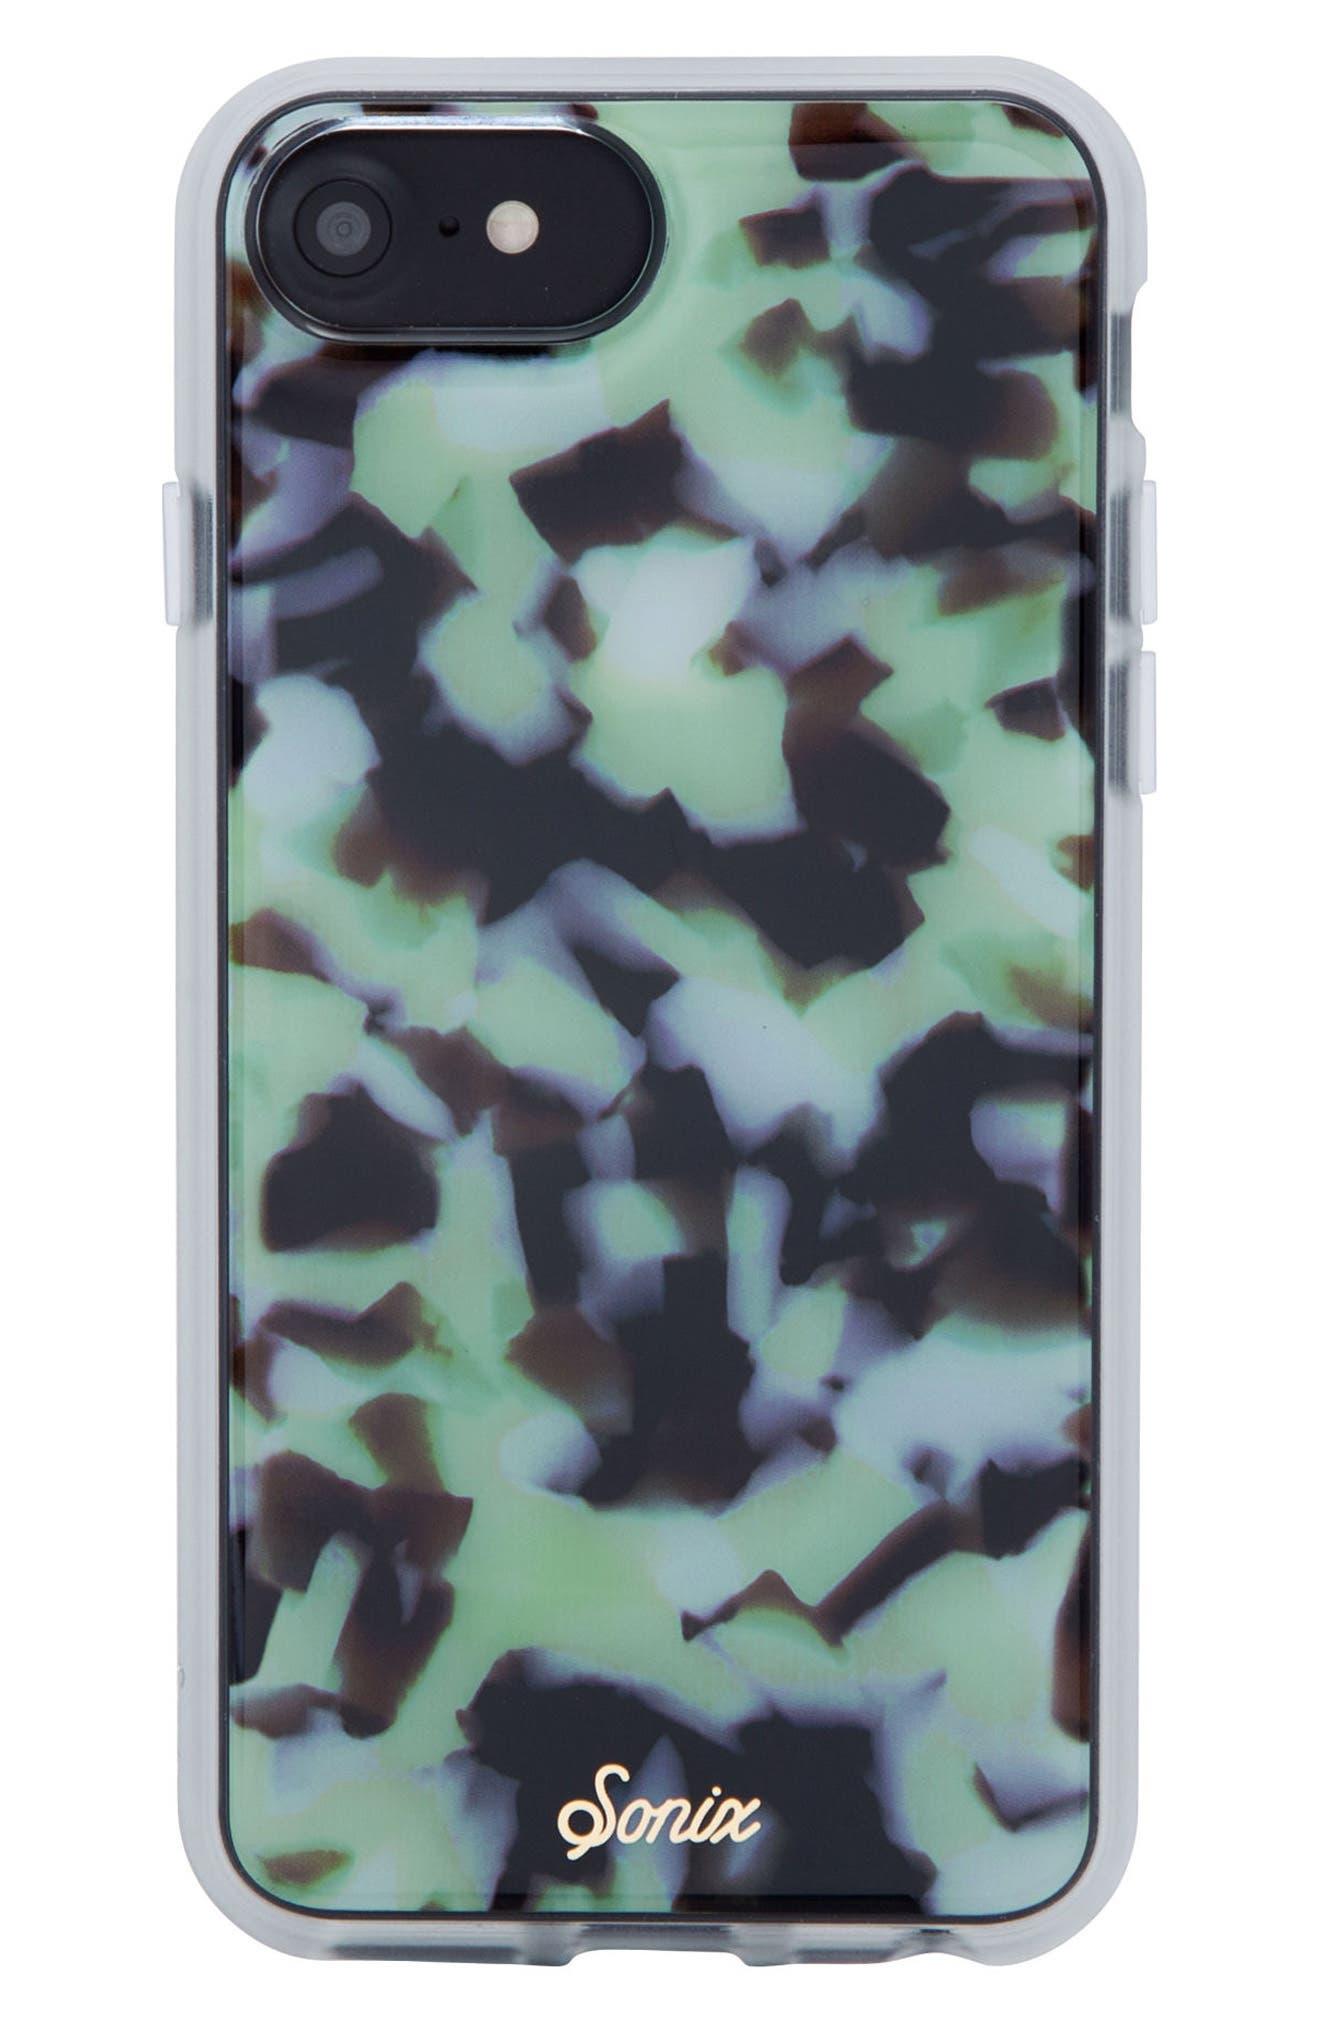 Sonix Terrazzo Mint iPhone 6/6s/7/8 & 6/6s/7/8 Plus Case